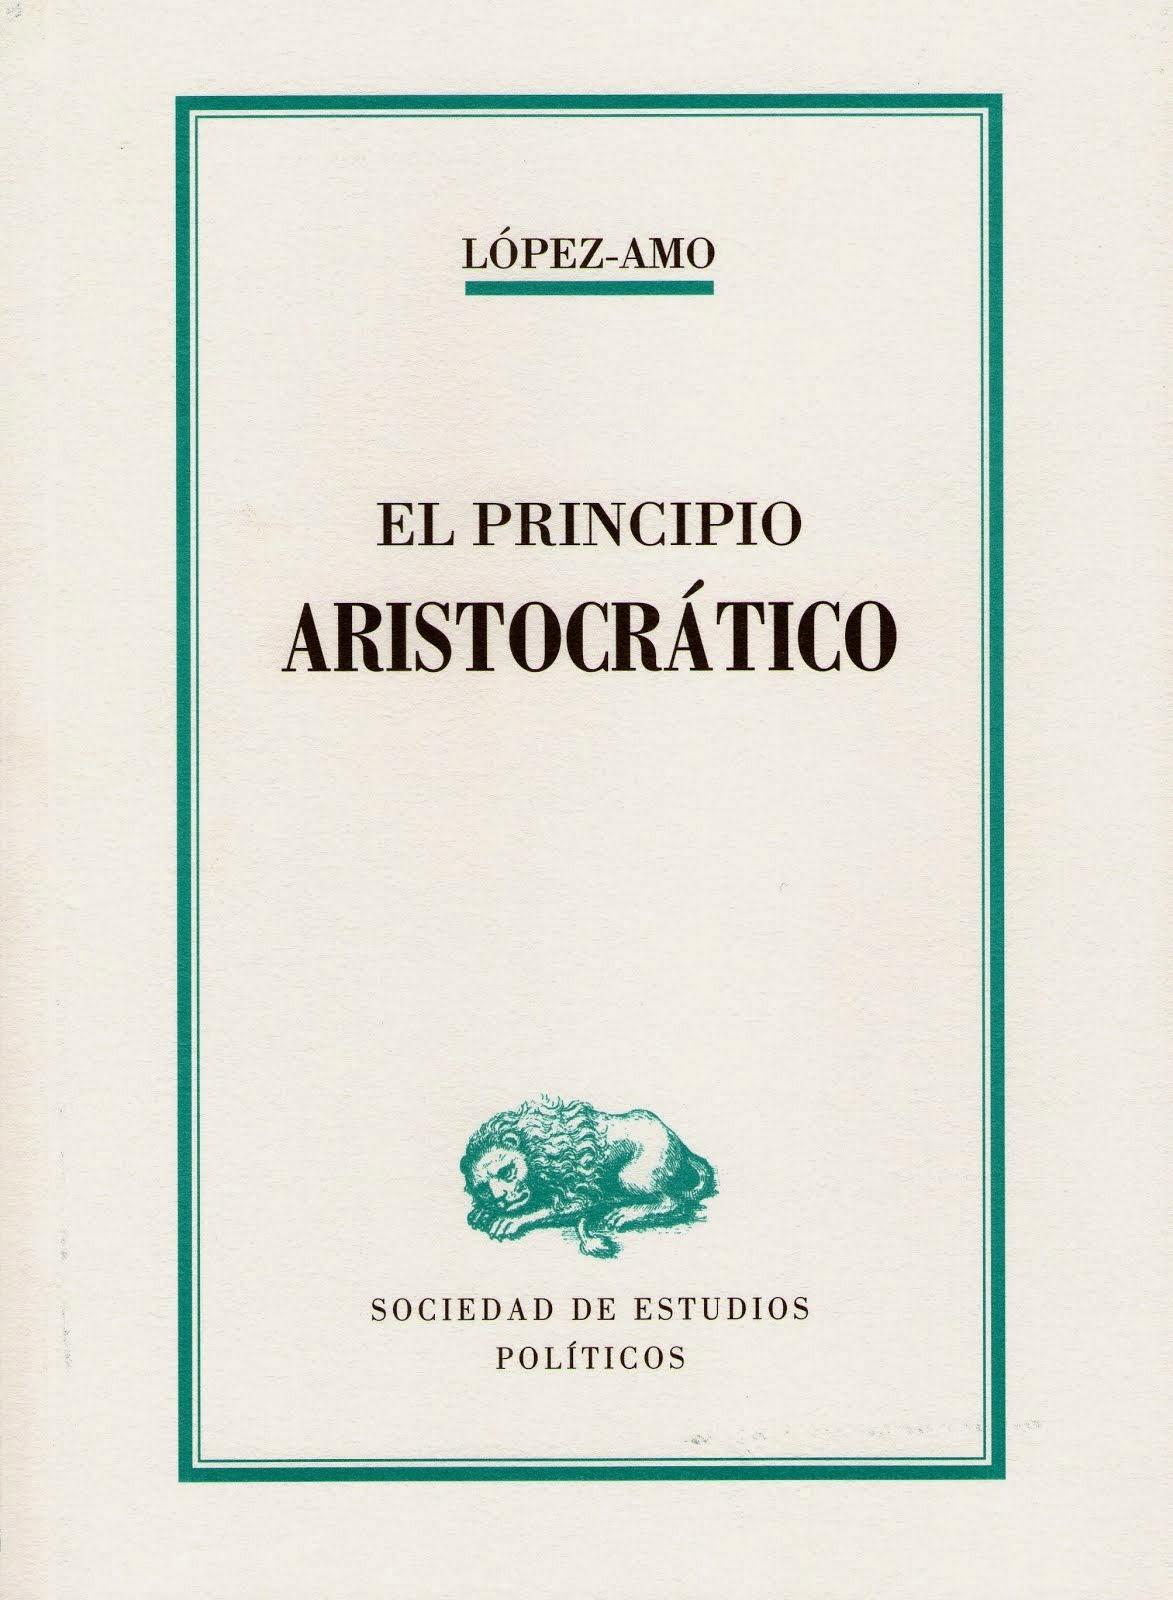 Edición de Á. López-Amo